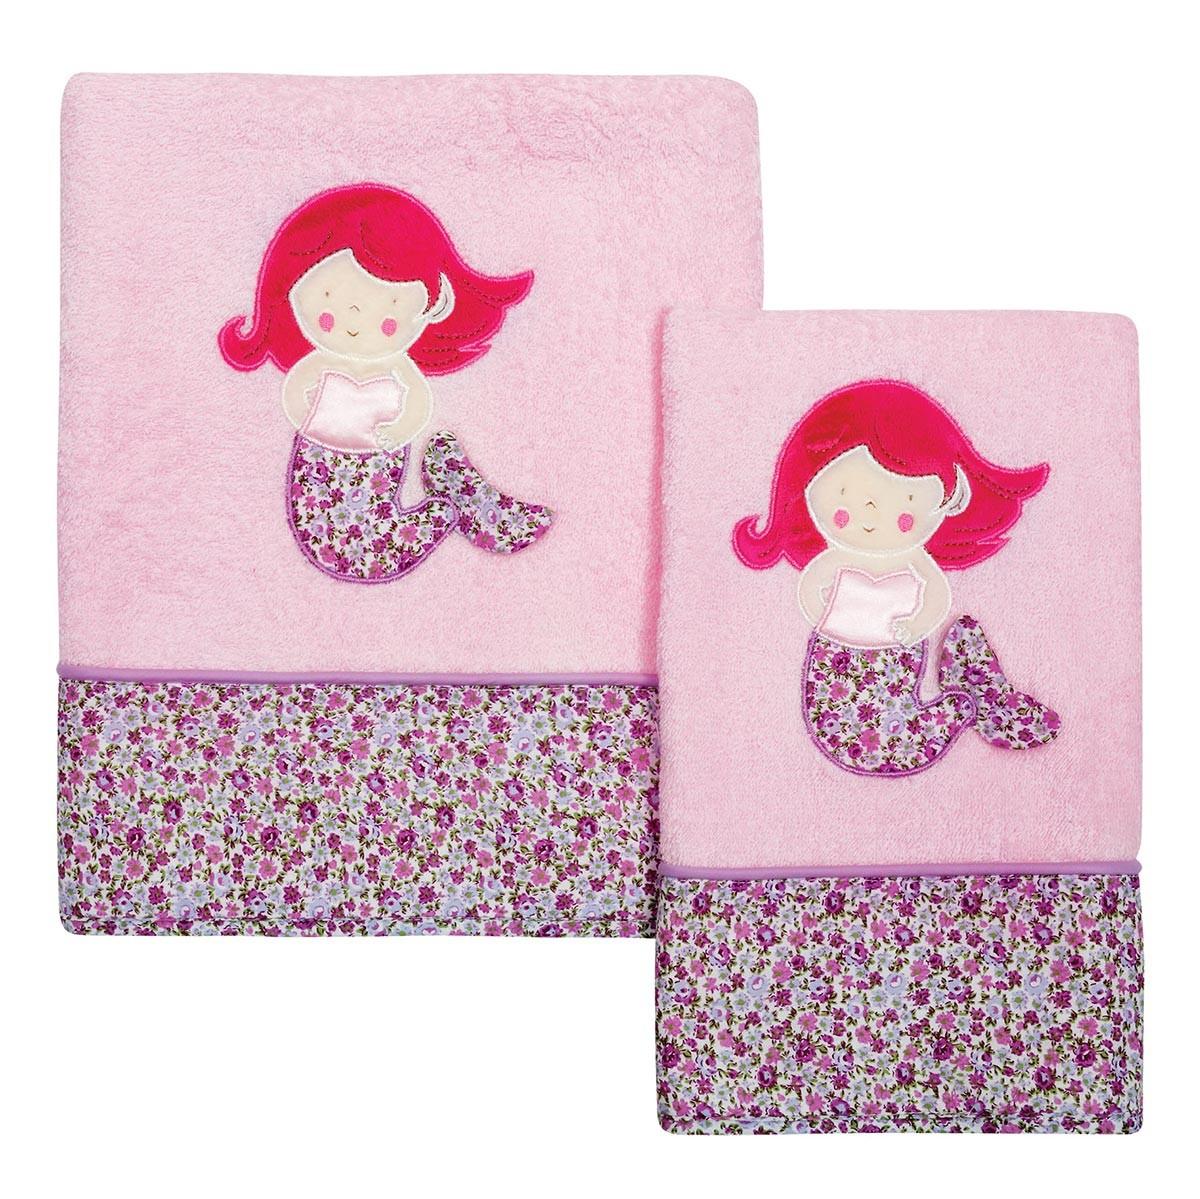 Βρεφικές Πετσέτες (Σετ 2τμχ) Das Home Dream Embroidery 6395